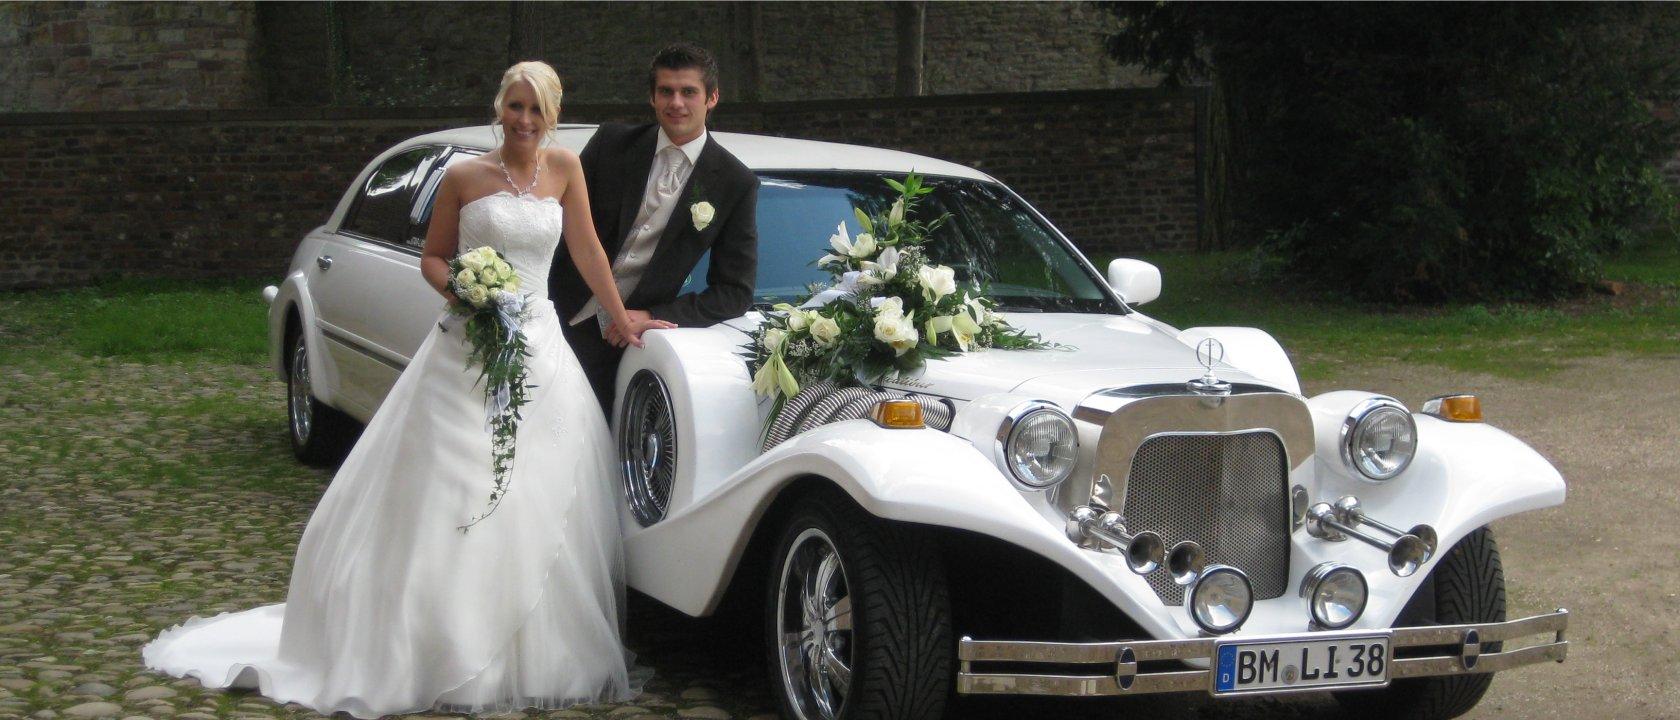 Excalibur Limousine mit Hochzeitspaar